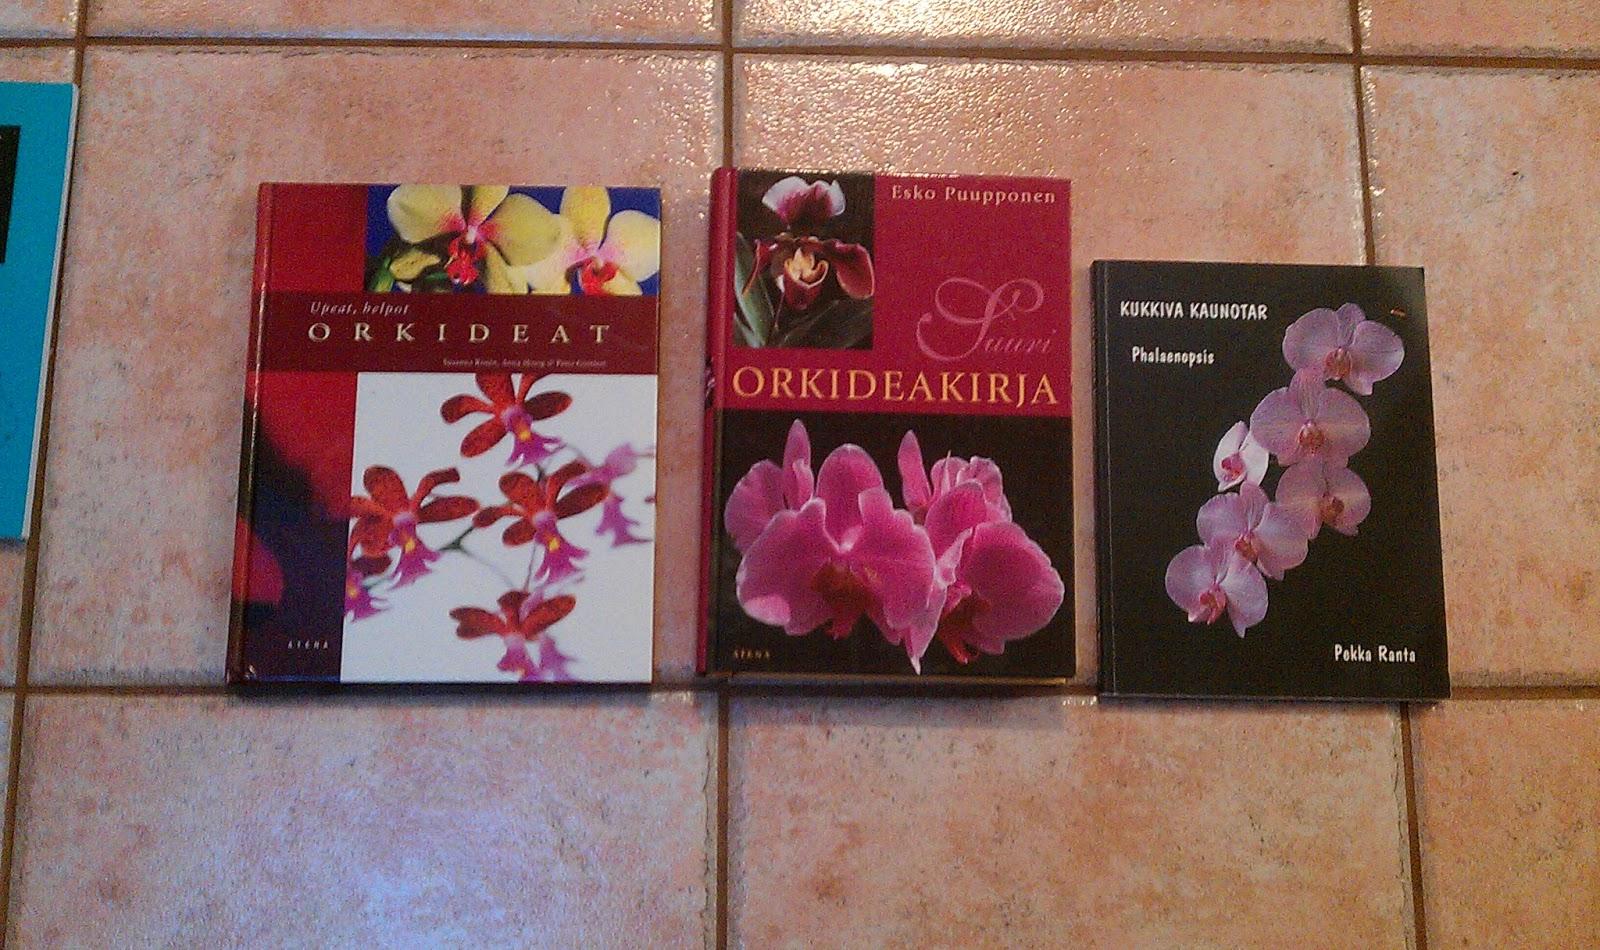 romanttiset kirjat varattu nainen